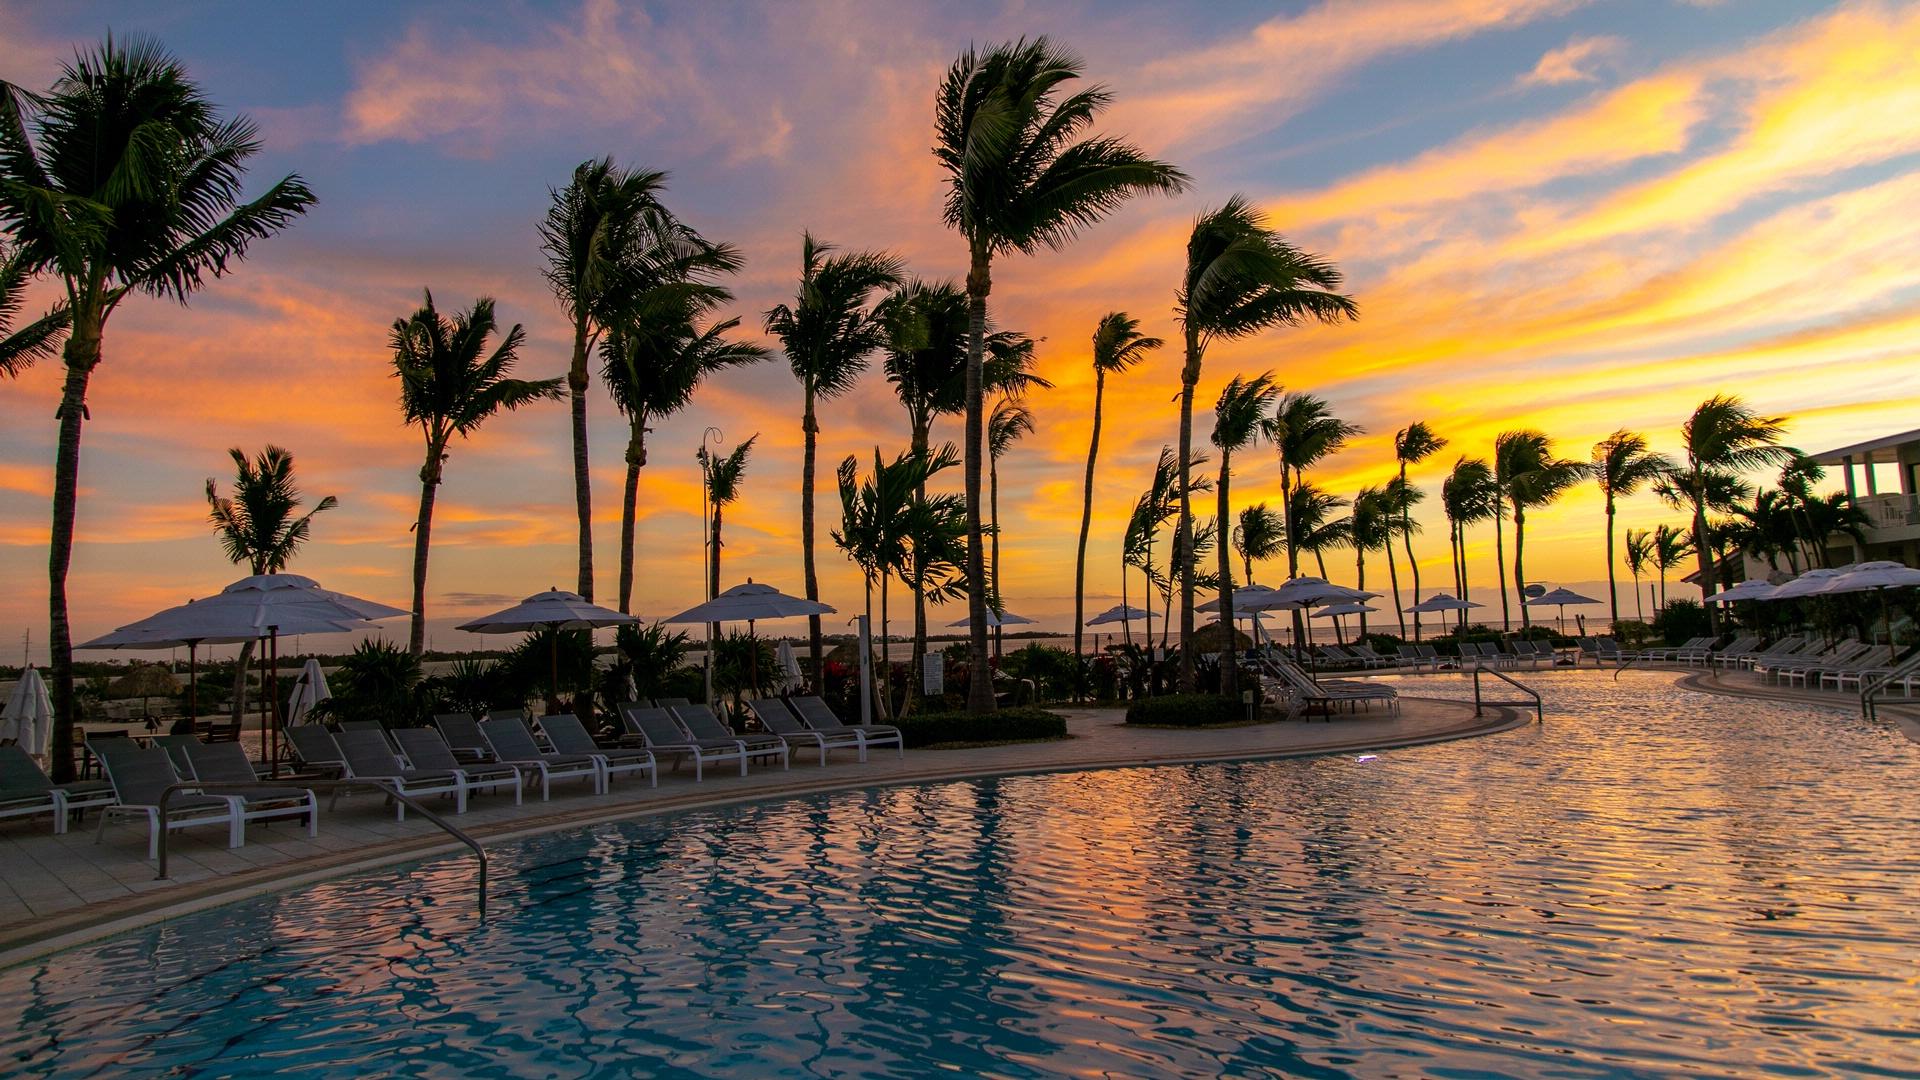 Elizabeth H C, Hawks Cay Resort FL